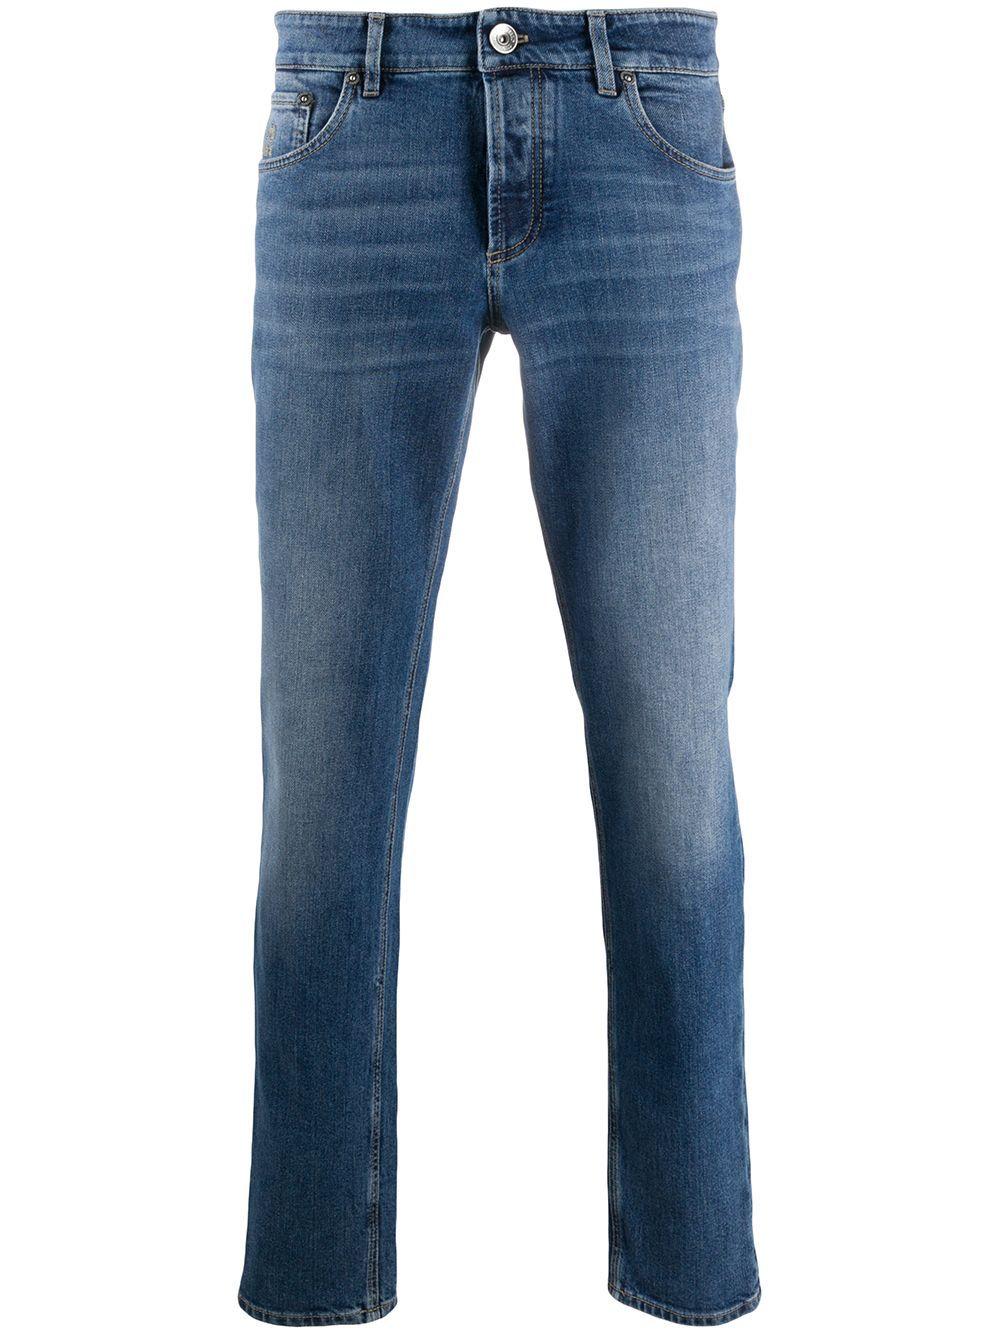 Jeans drittomedio lavaggio